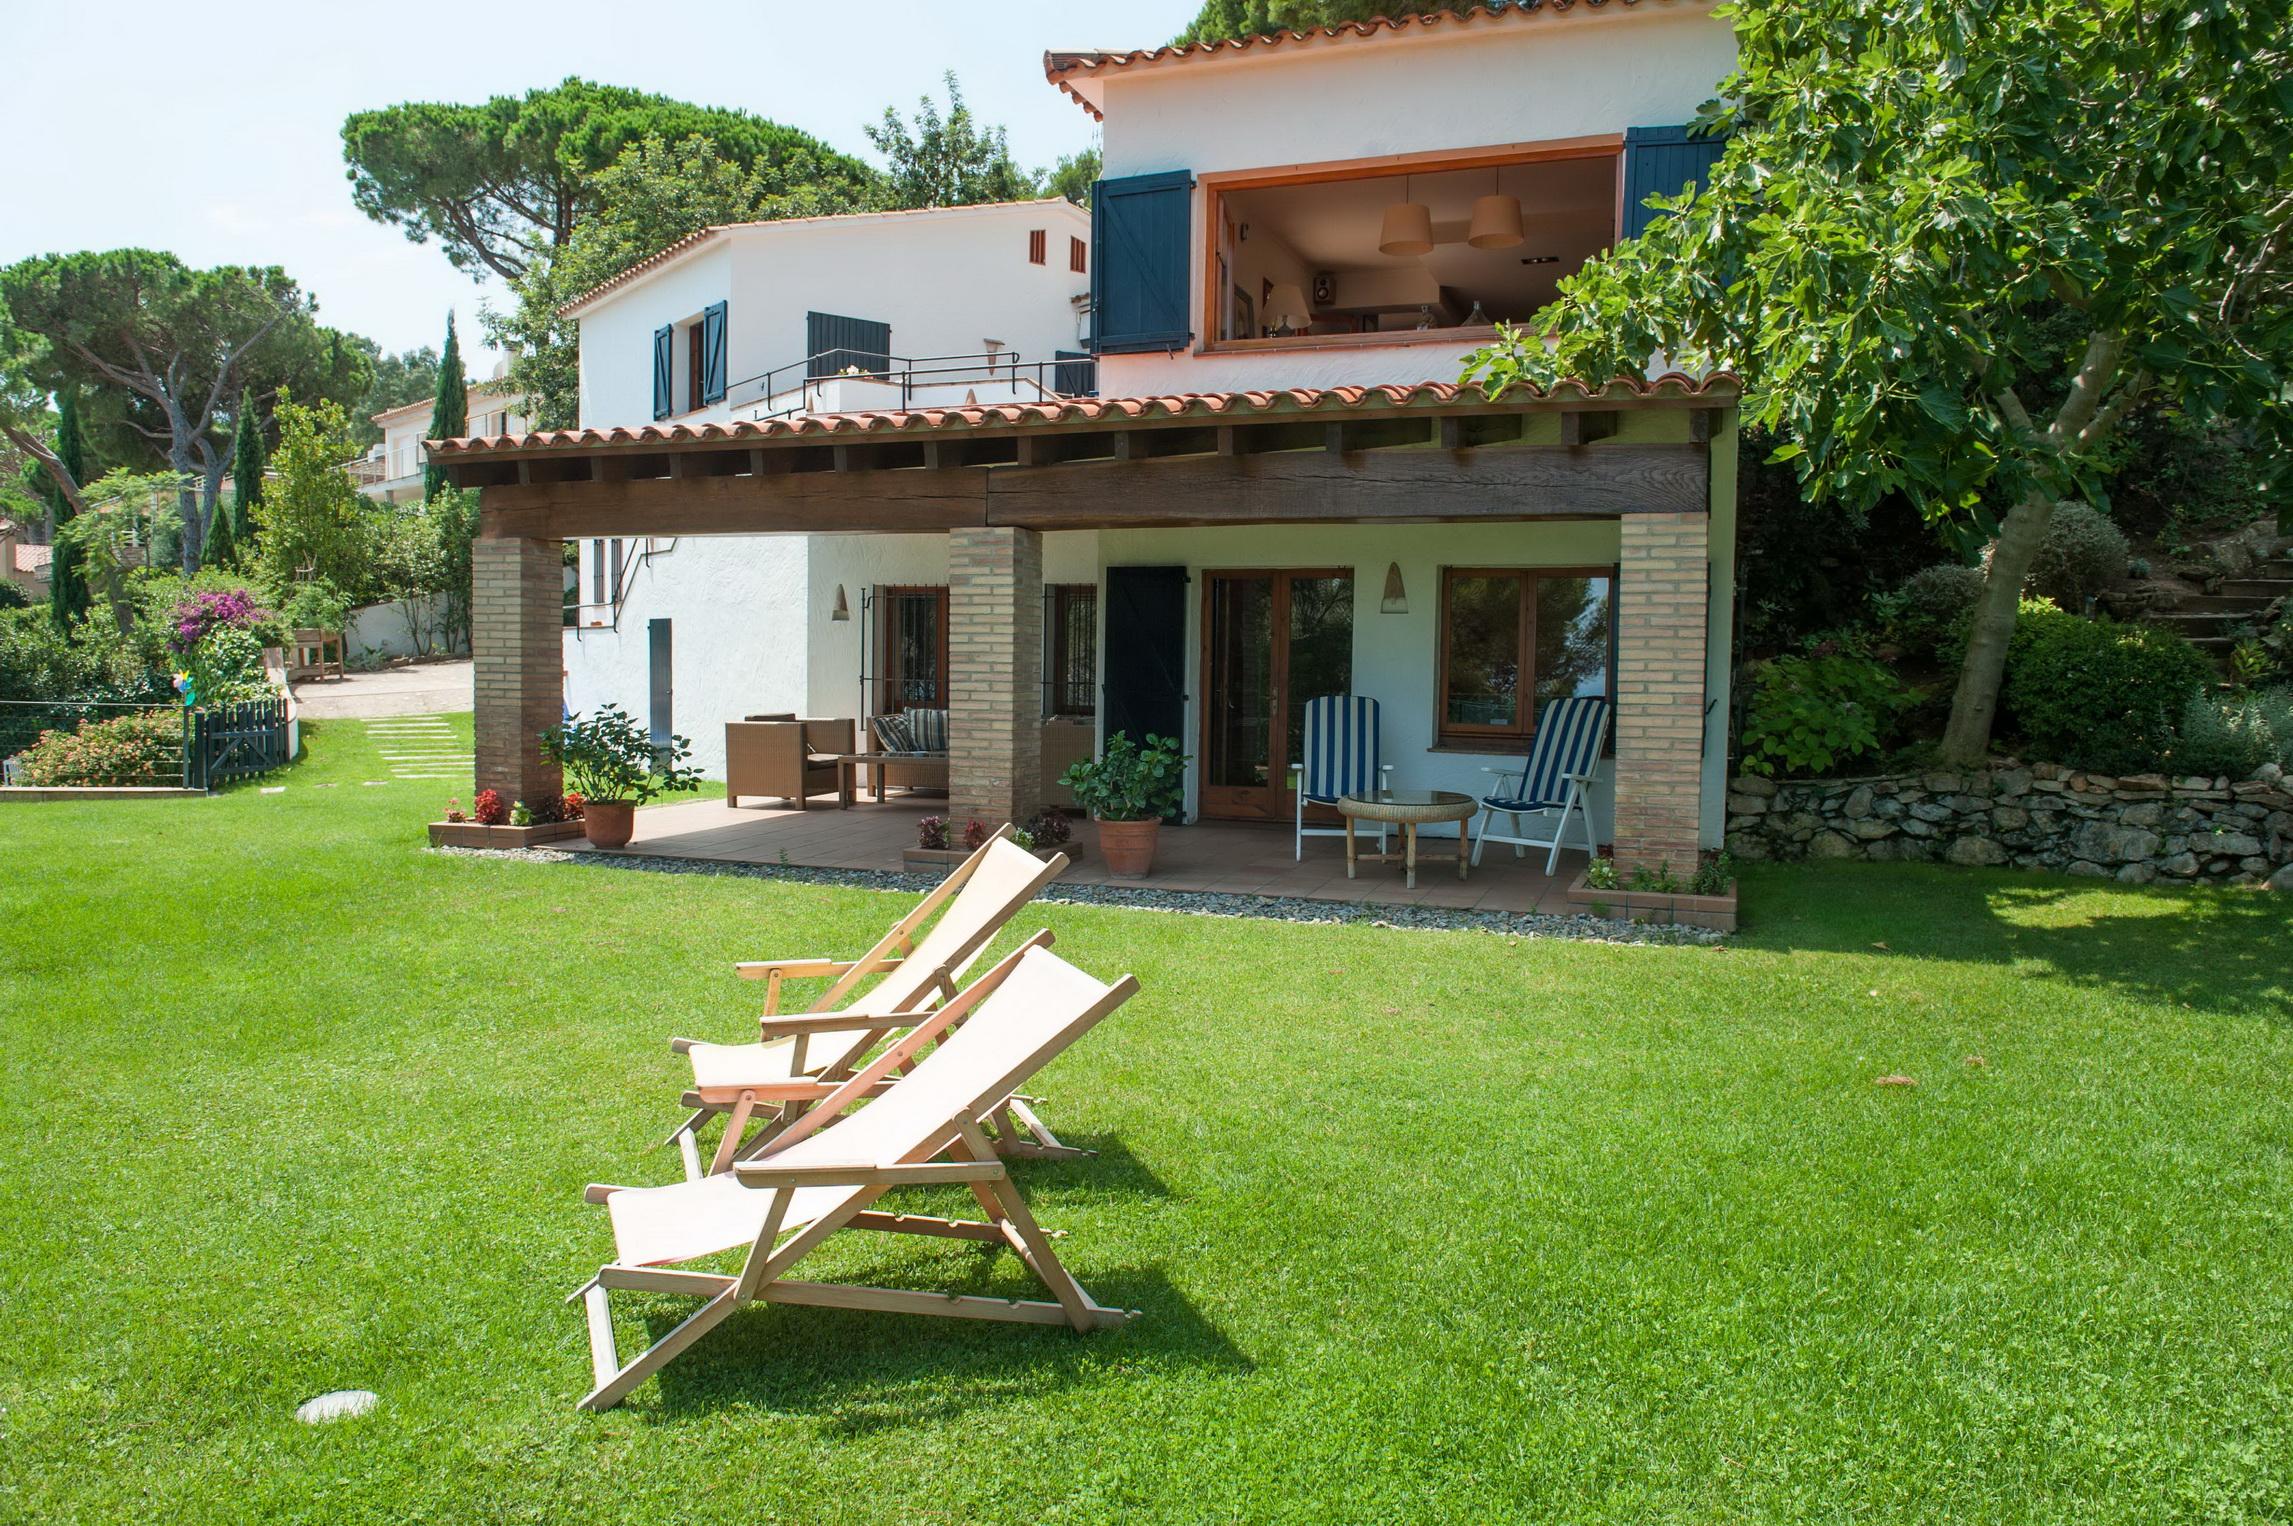 Nhà ở một gia đình vì Bán tại Marvellous house for sale near the beachfront with stunning sea views Begur, Costa Brava 17255 Tây Ban Nha